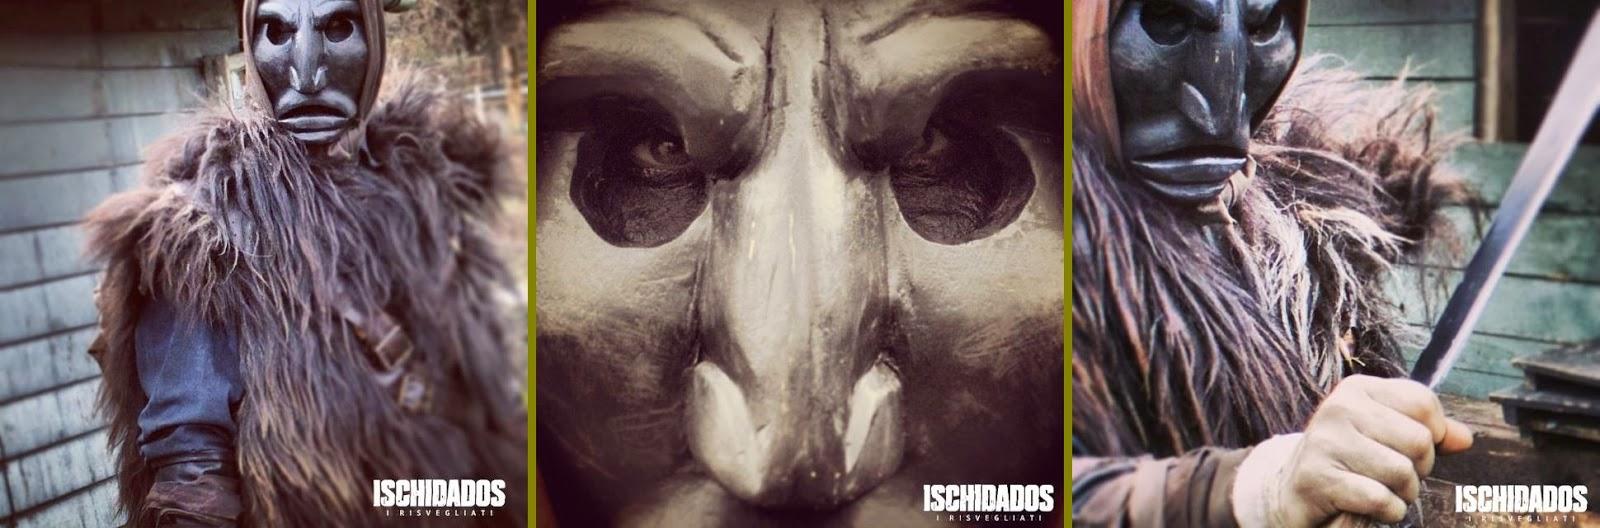 Ischidados - Mamuthone